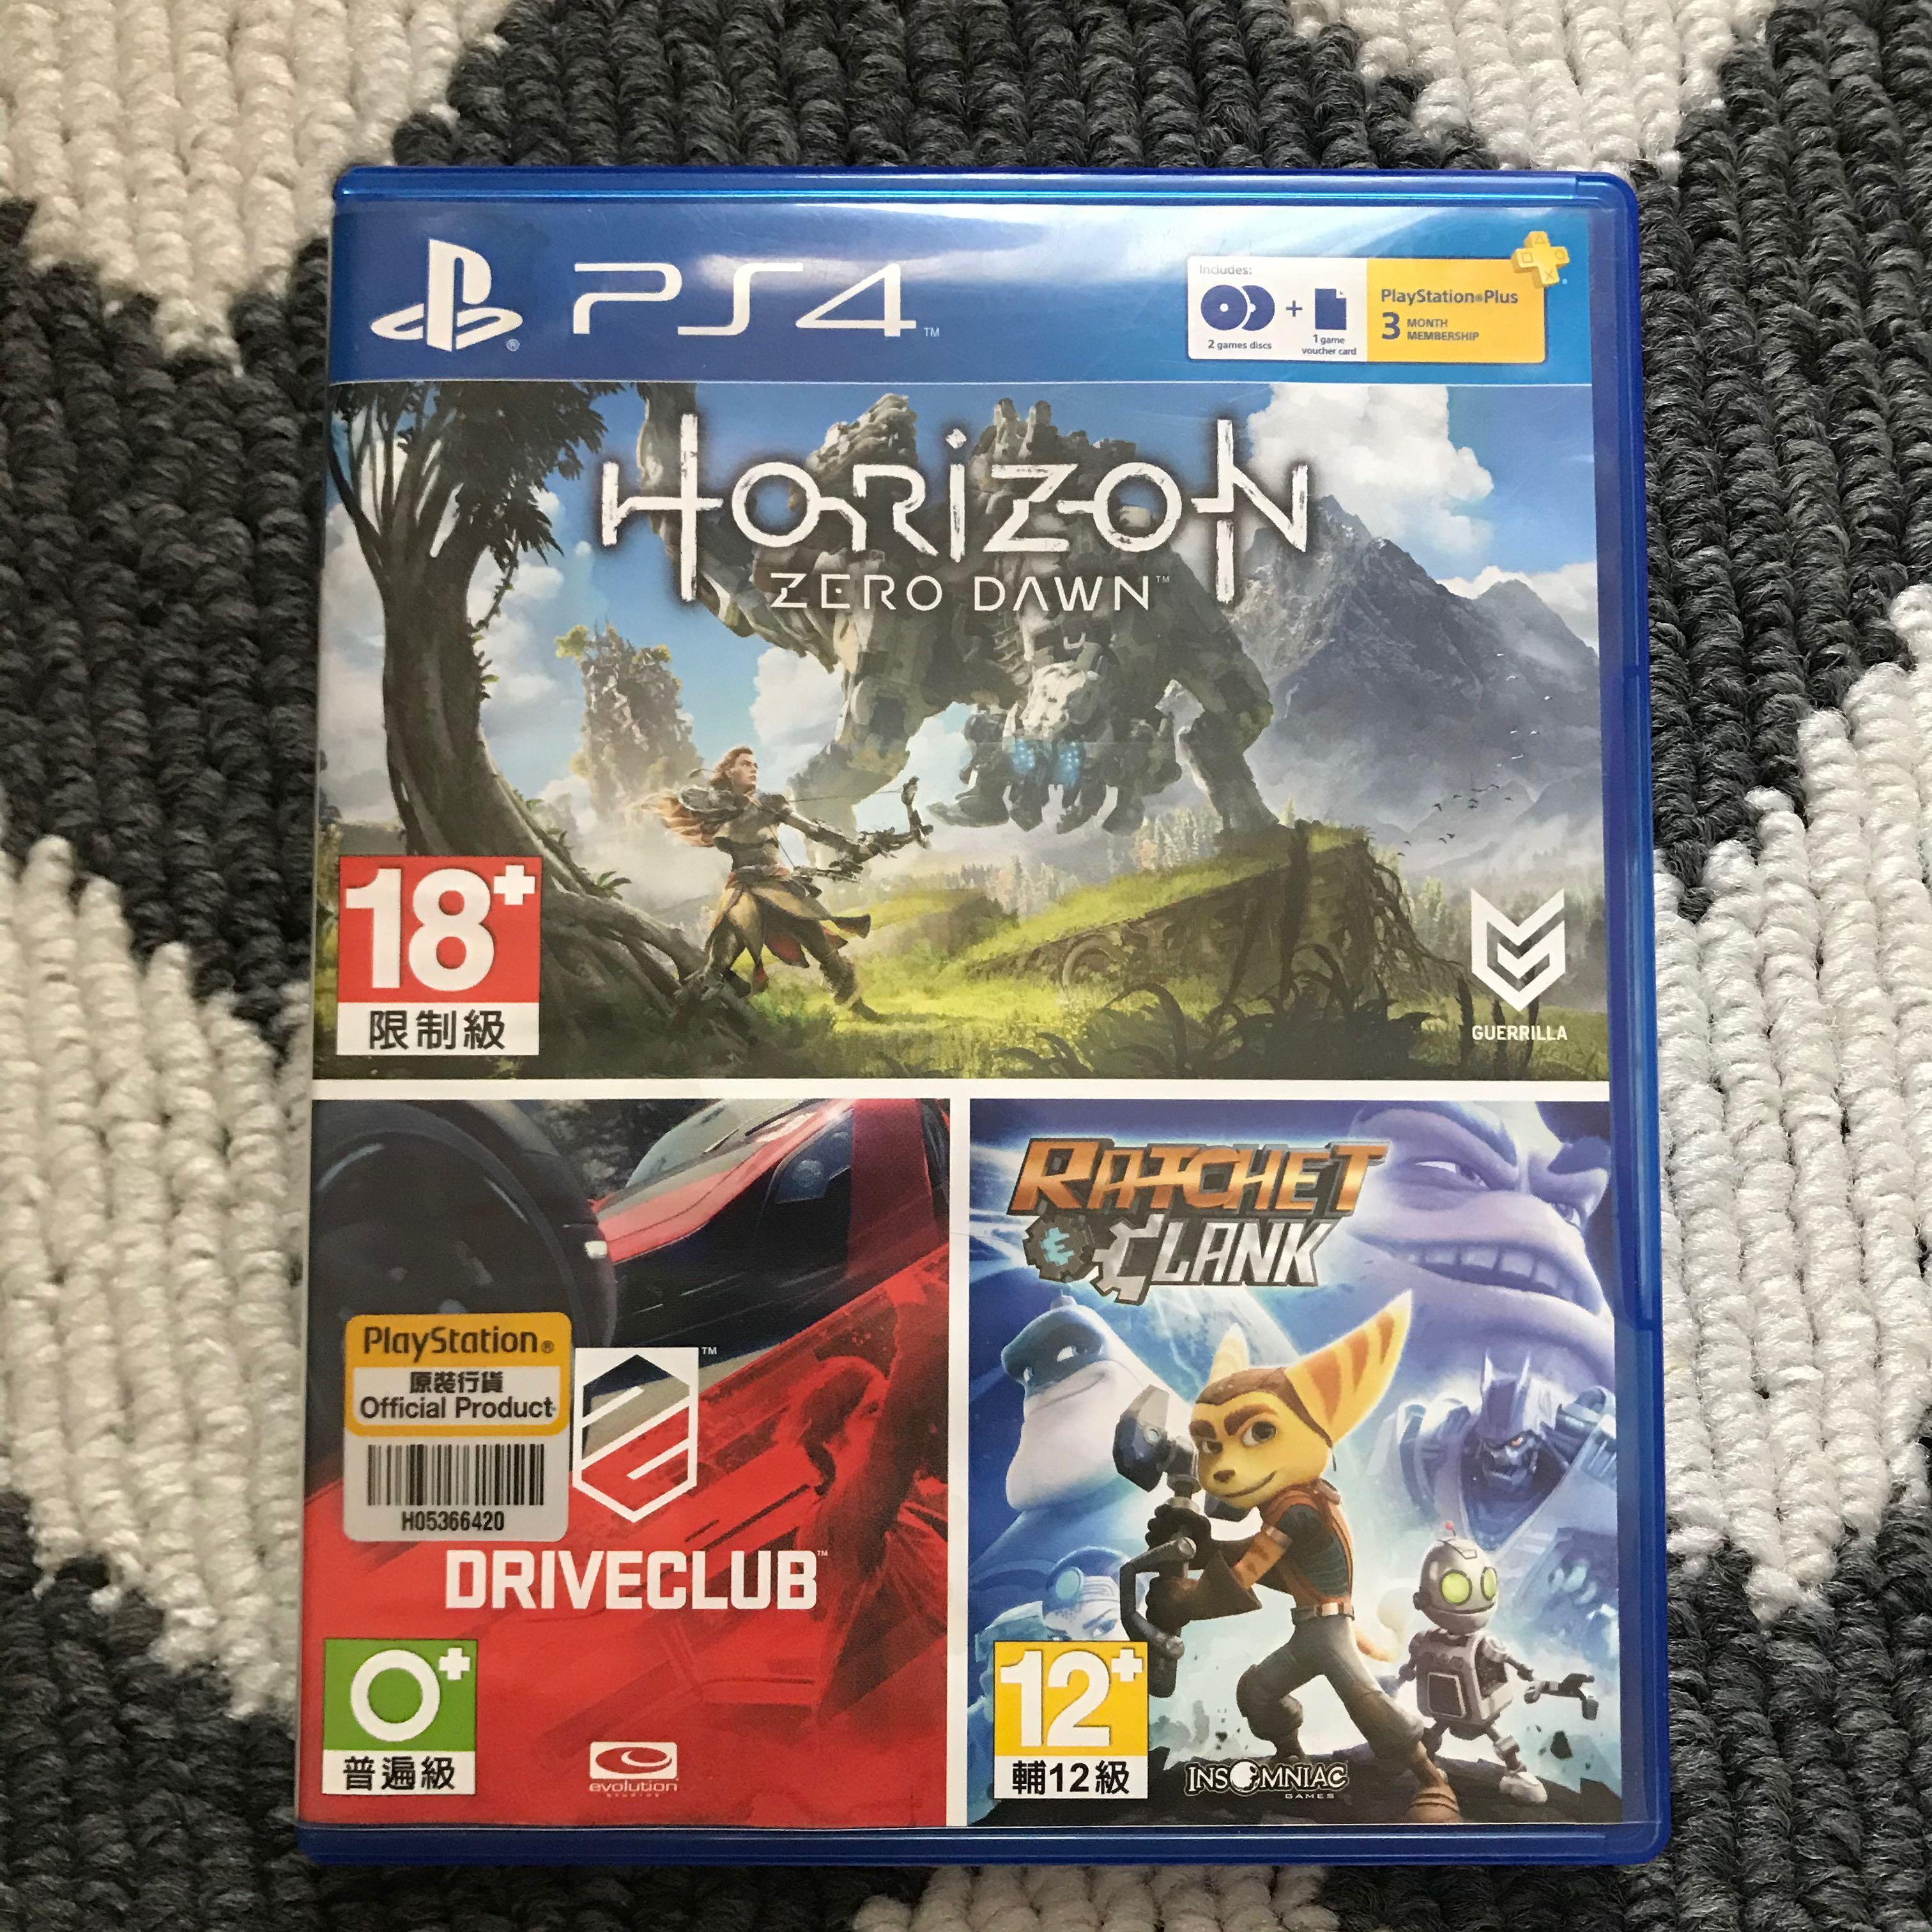 horizon + driveclub bundle